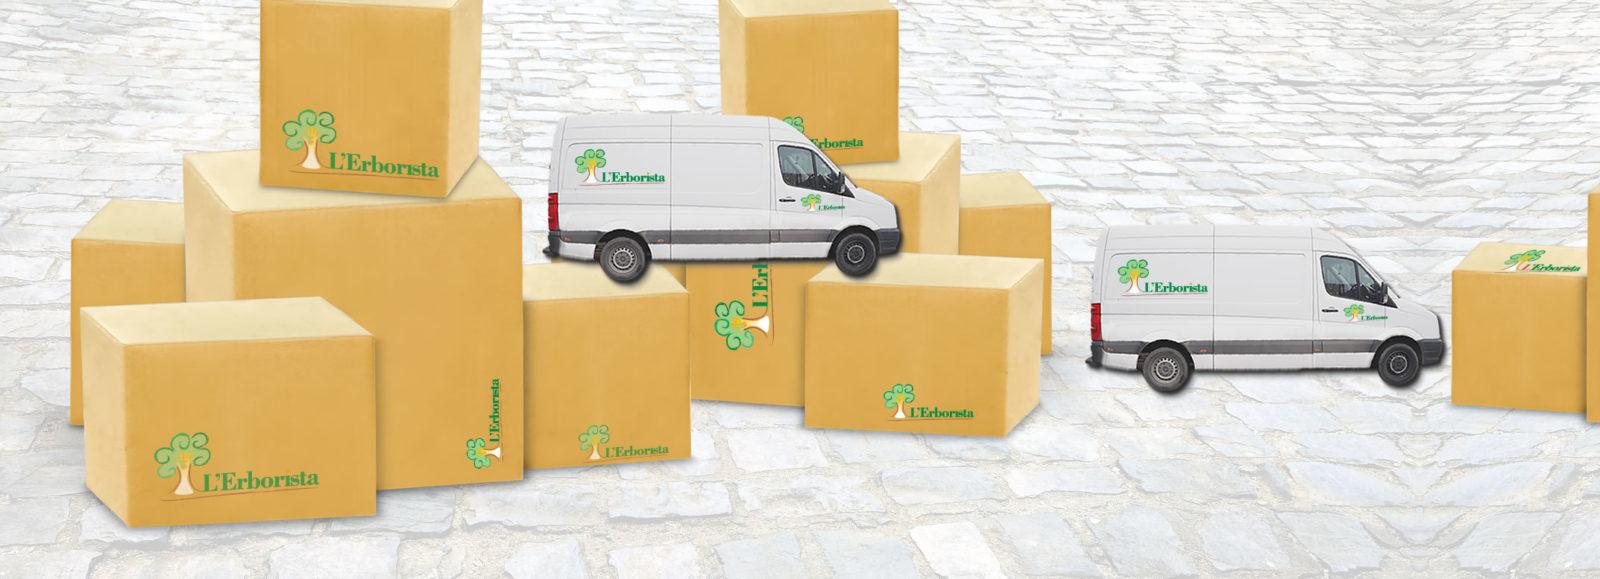 Consegna gratuita per ordini oltre i 49,00 euro